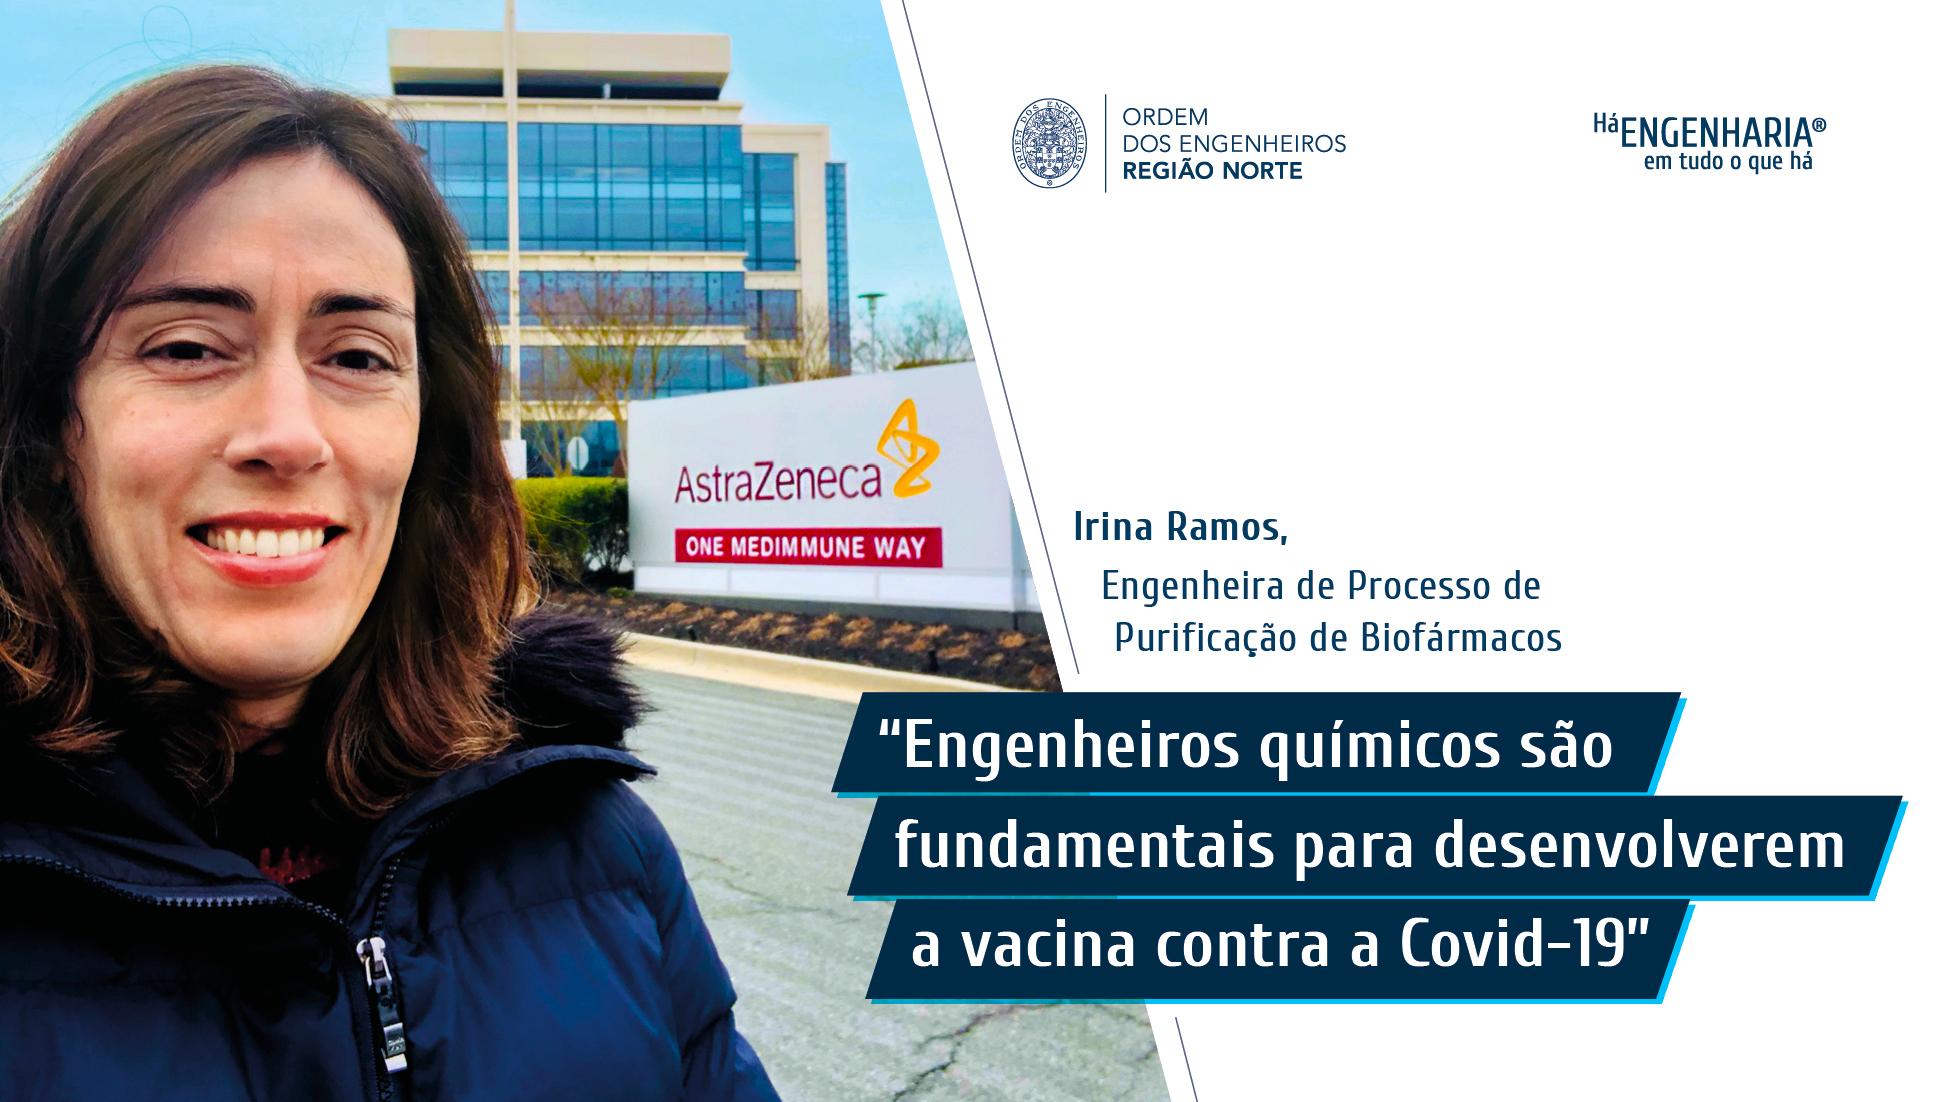 Plataforma Notícias Ordem Engenheiros Região Norte - Grandes Entrevistas de Engenharia com… Irina Ramos